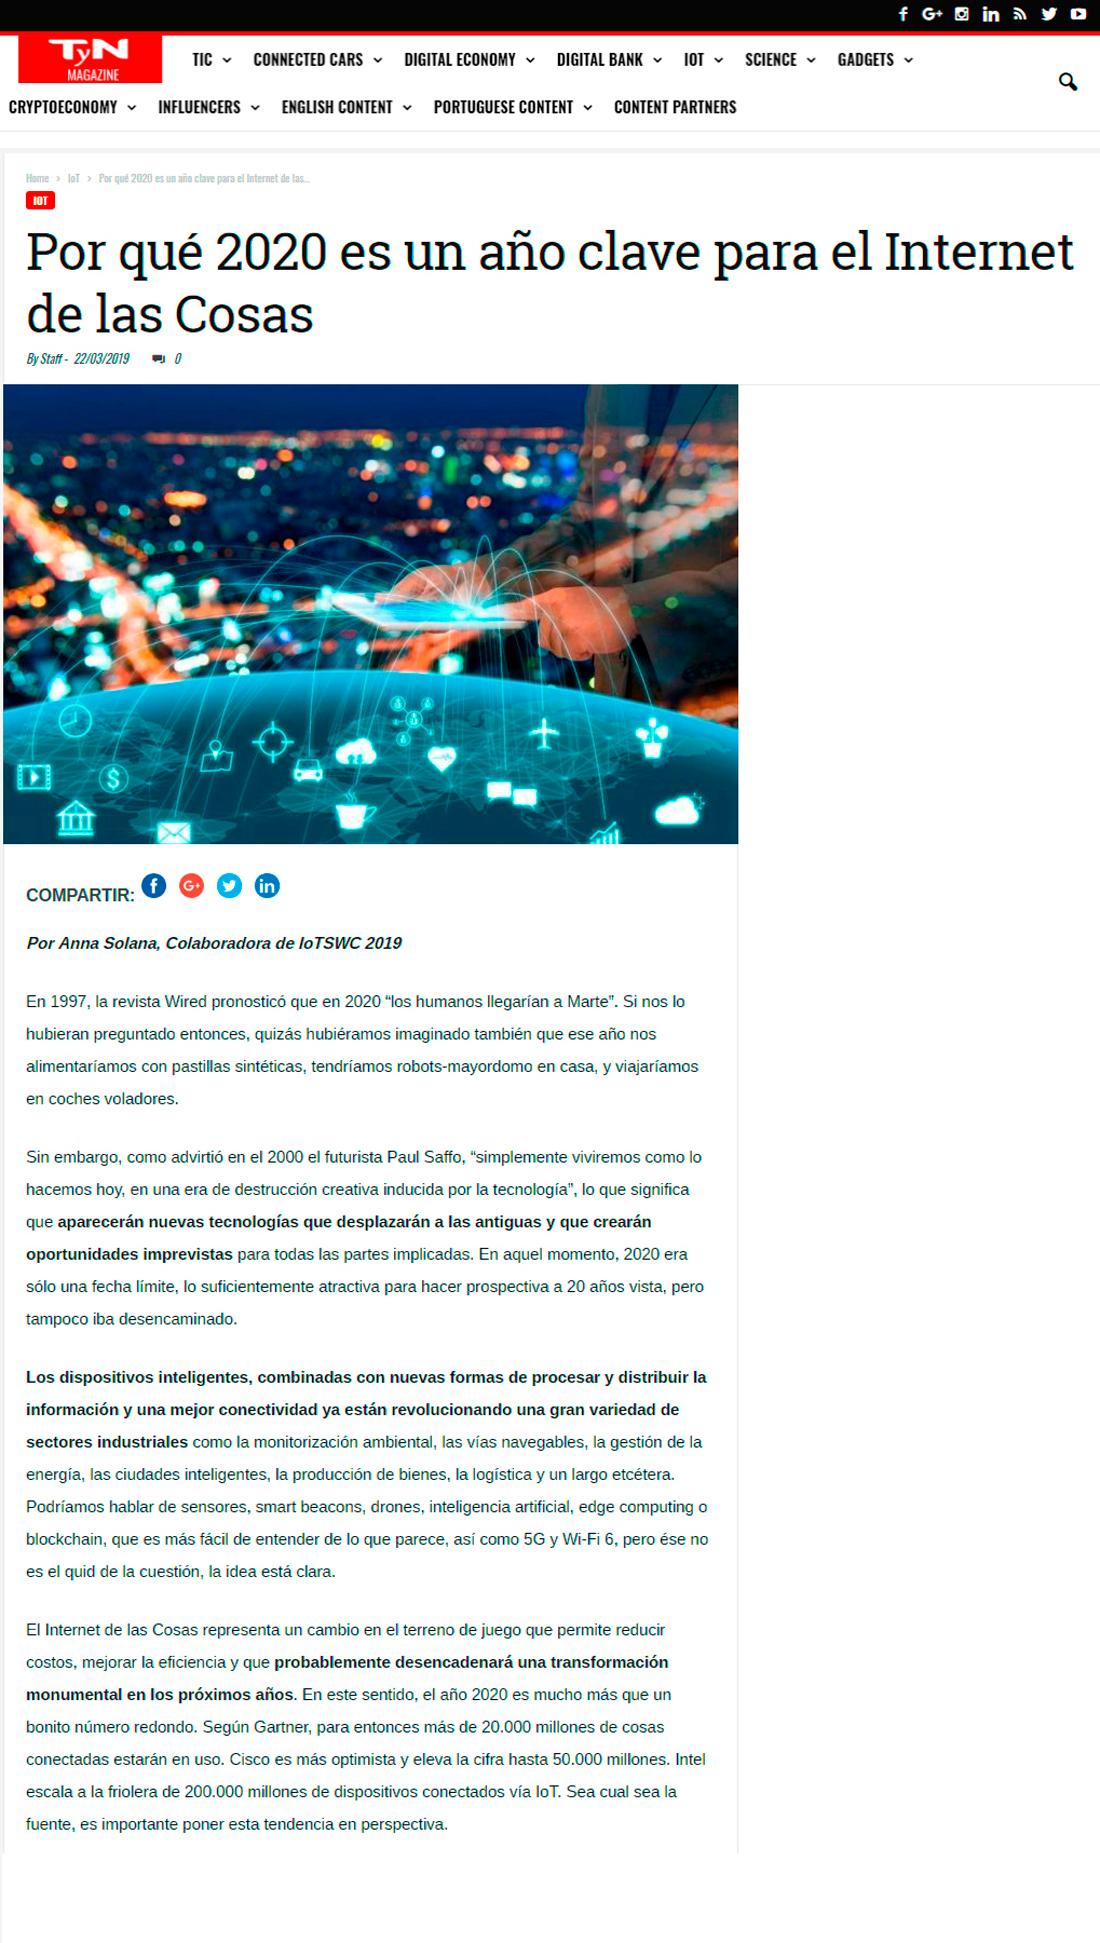 TyN Magazine - Por qué 2020 es un año clave para el Internet de las Cosas